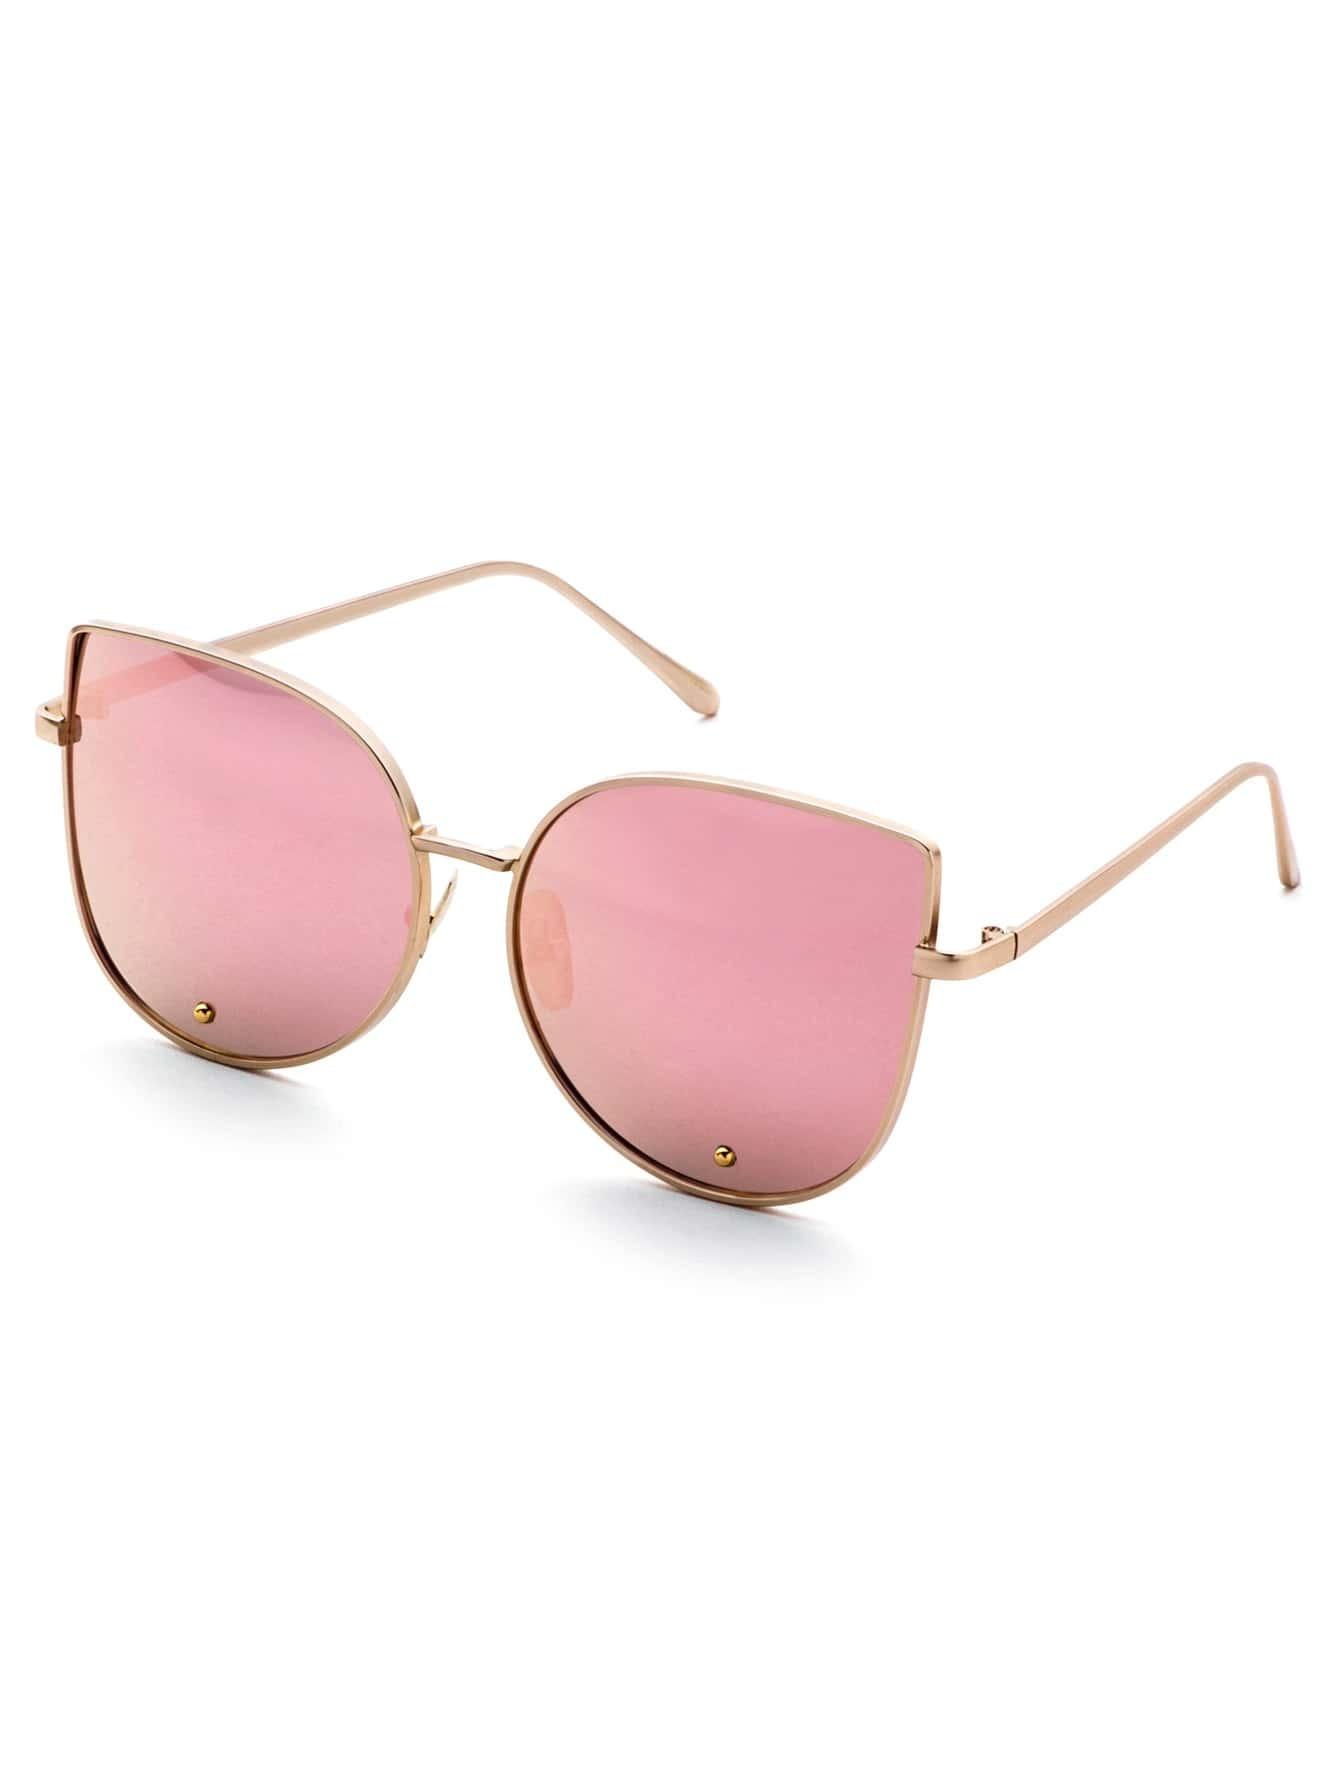 181c8b48f0 Gold Frame Pink Cat Eye Stylish SunglassesFor Women-romwe